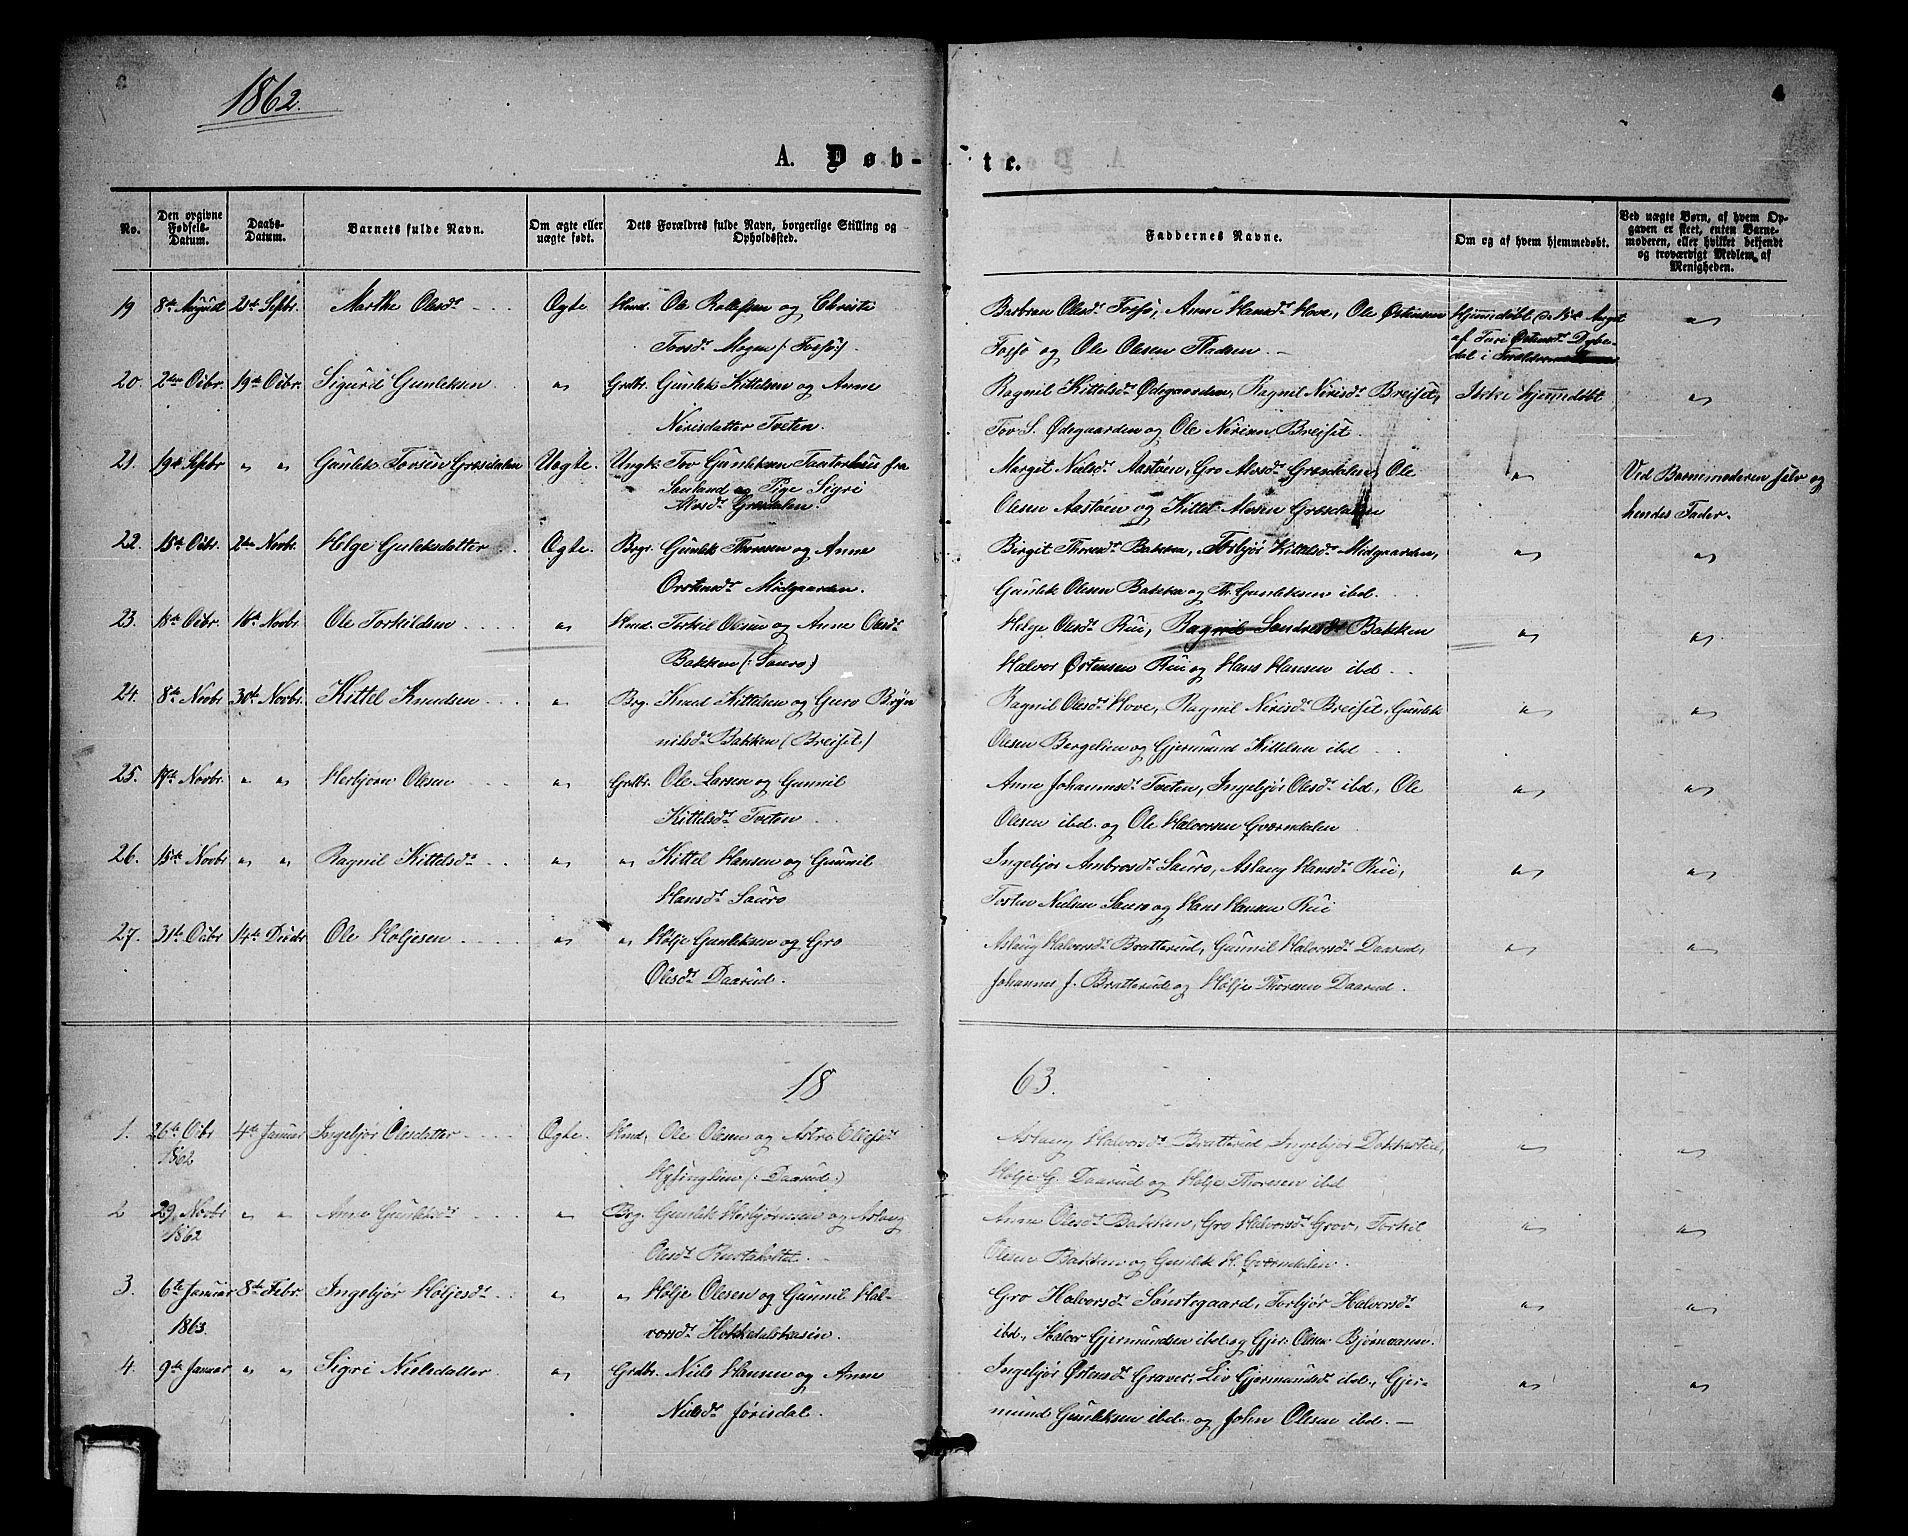 SAKO, Gransherad kirkebøker, G/Gb/L0002: Klokkerbok nr. II 2, 1860-1886, s. 4